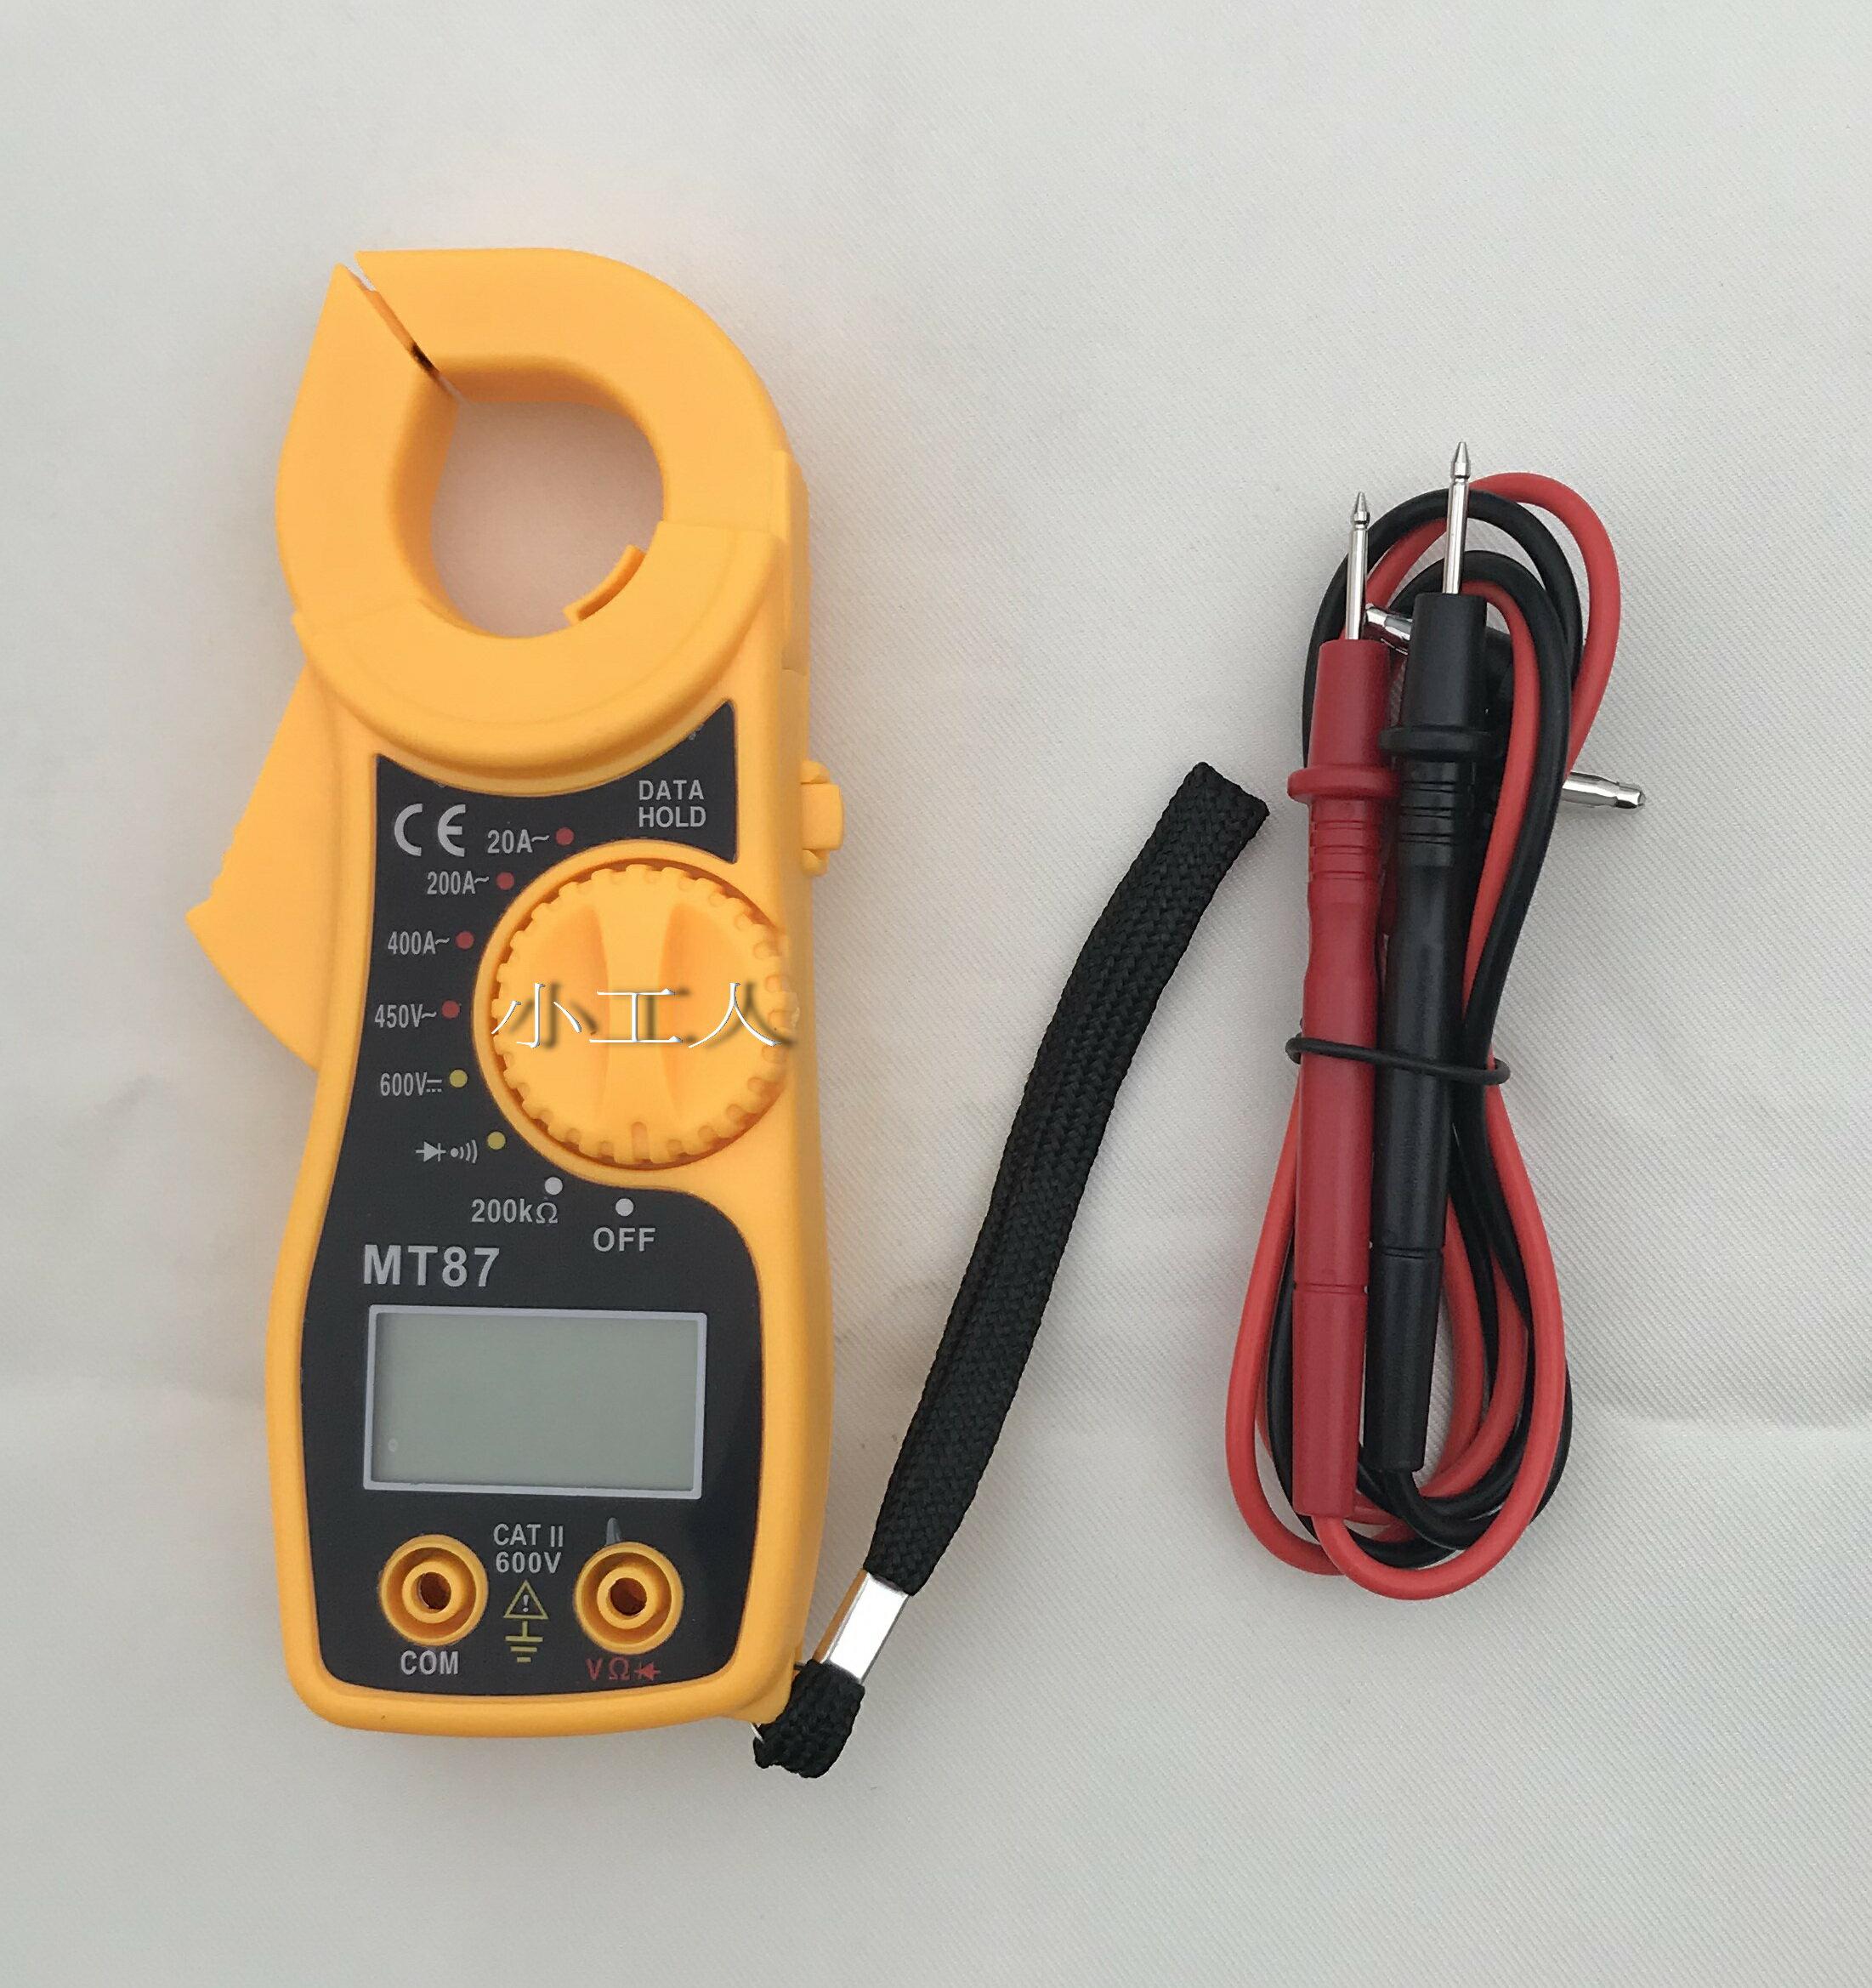 迷你數字勾表 小型三用數字勾錶 三用電表 萬用電錶 MT87三用數字勾錶 數字勾表